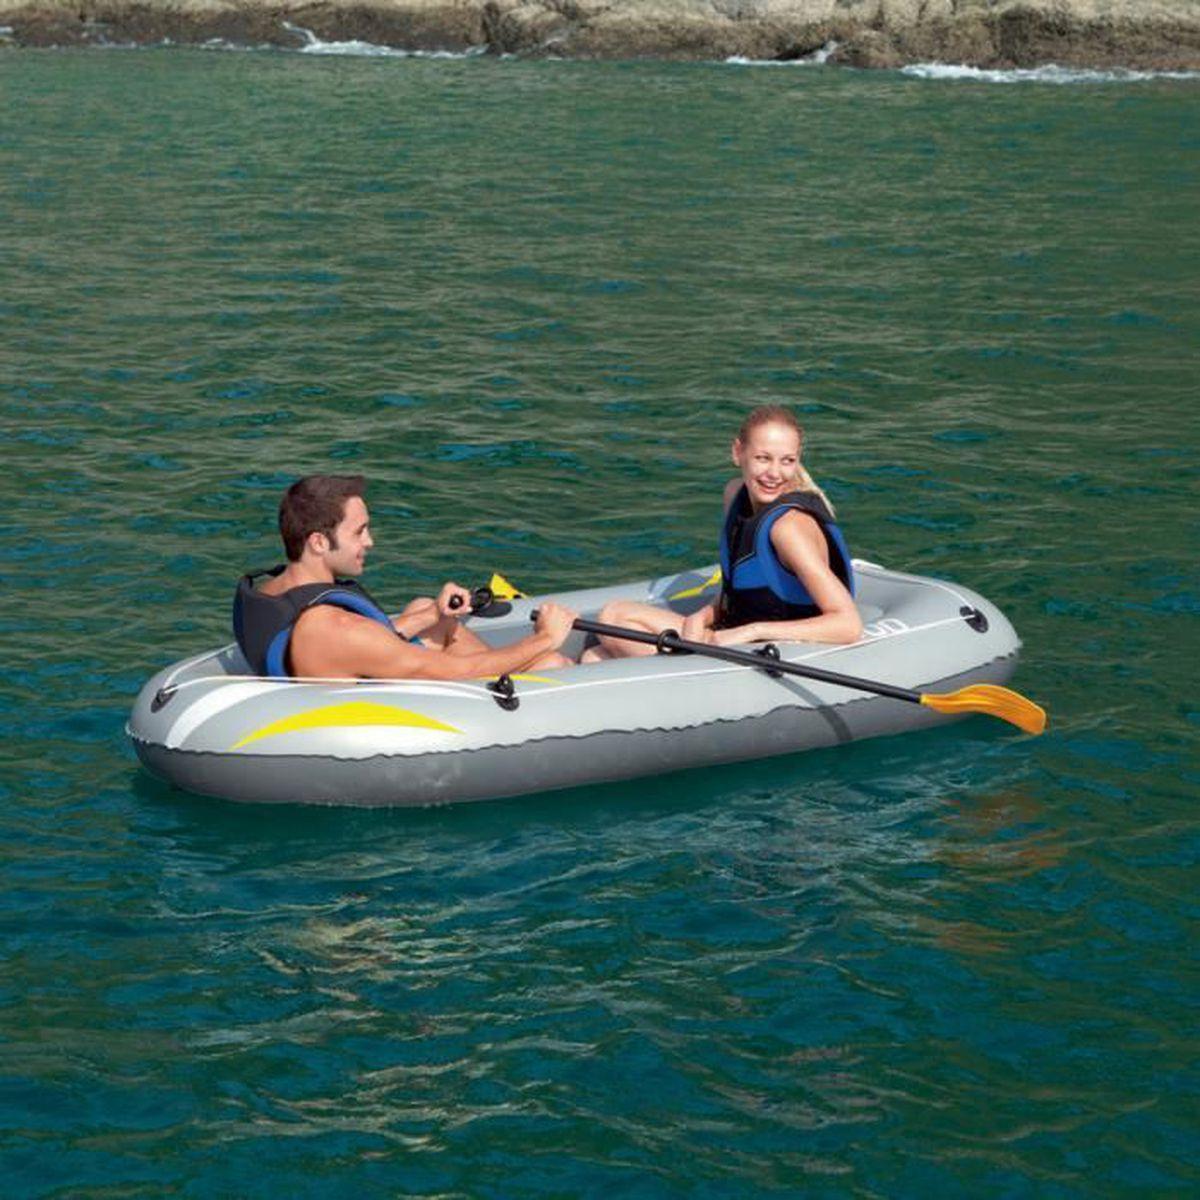 Bateau gonflable rx 4000 raft gris achat vente jeux de piscine cdiscount - Bateau gonflable mer ...